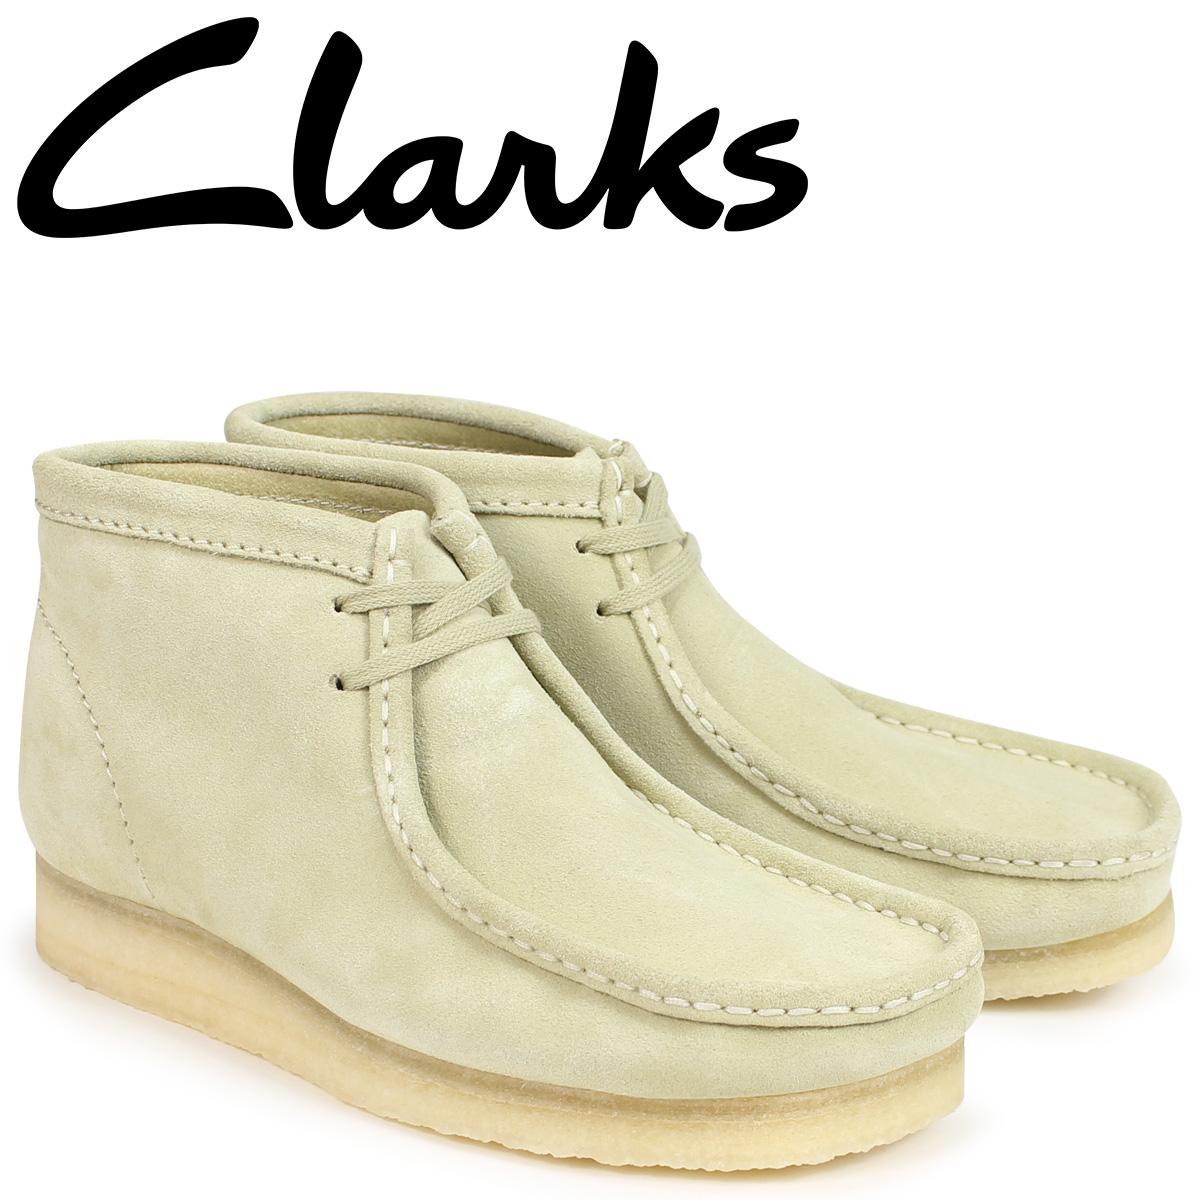 クラークス Clarks ワラビー ブーツ メンズ WALLABEE BOOT 26133283 メープル